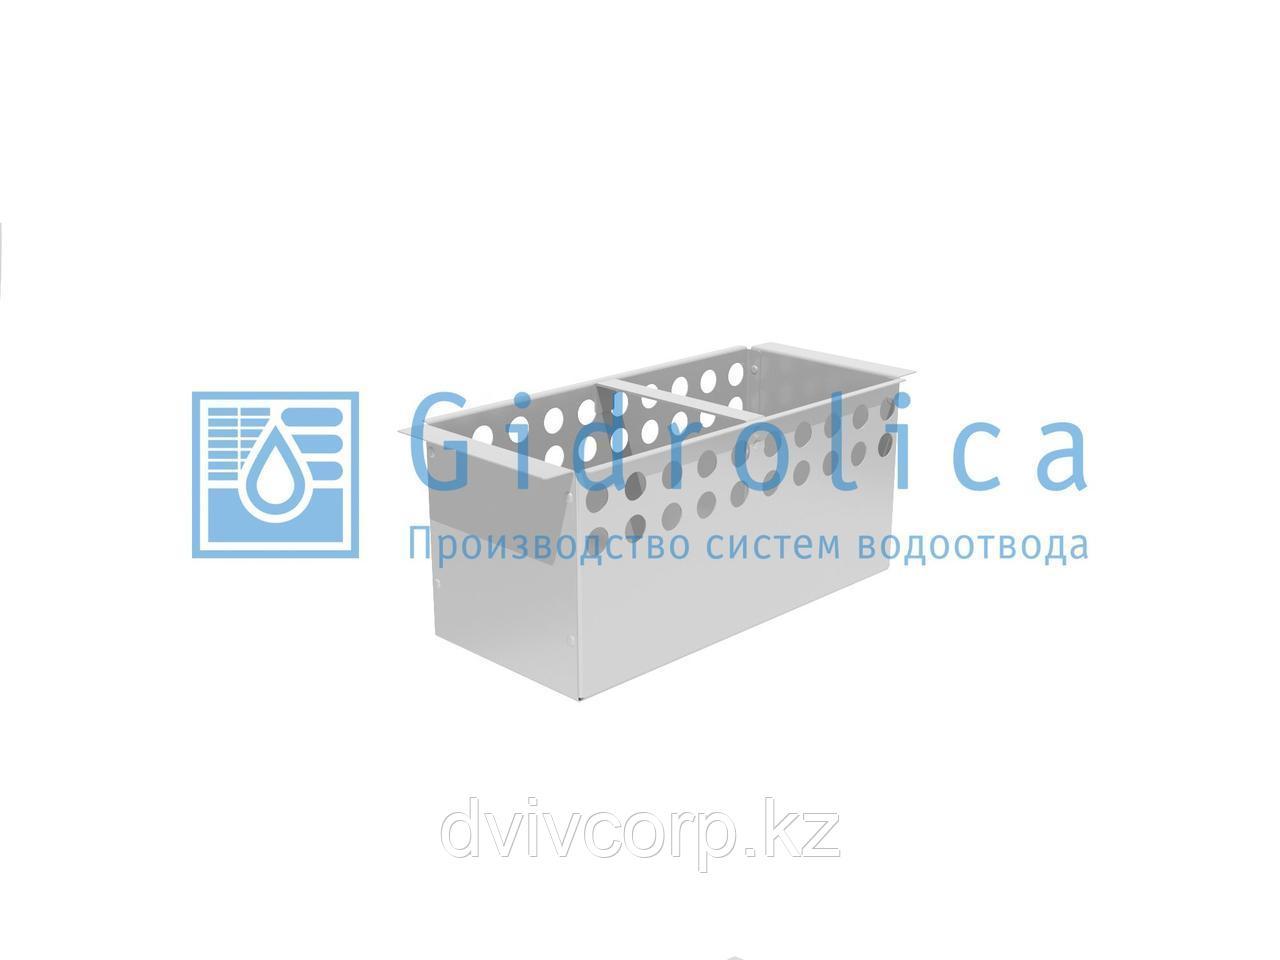 Корзина стальная универсальная для пескоулавливающего колодца (СО-200мм)Кпк 20 - 40.17,5.16,4